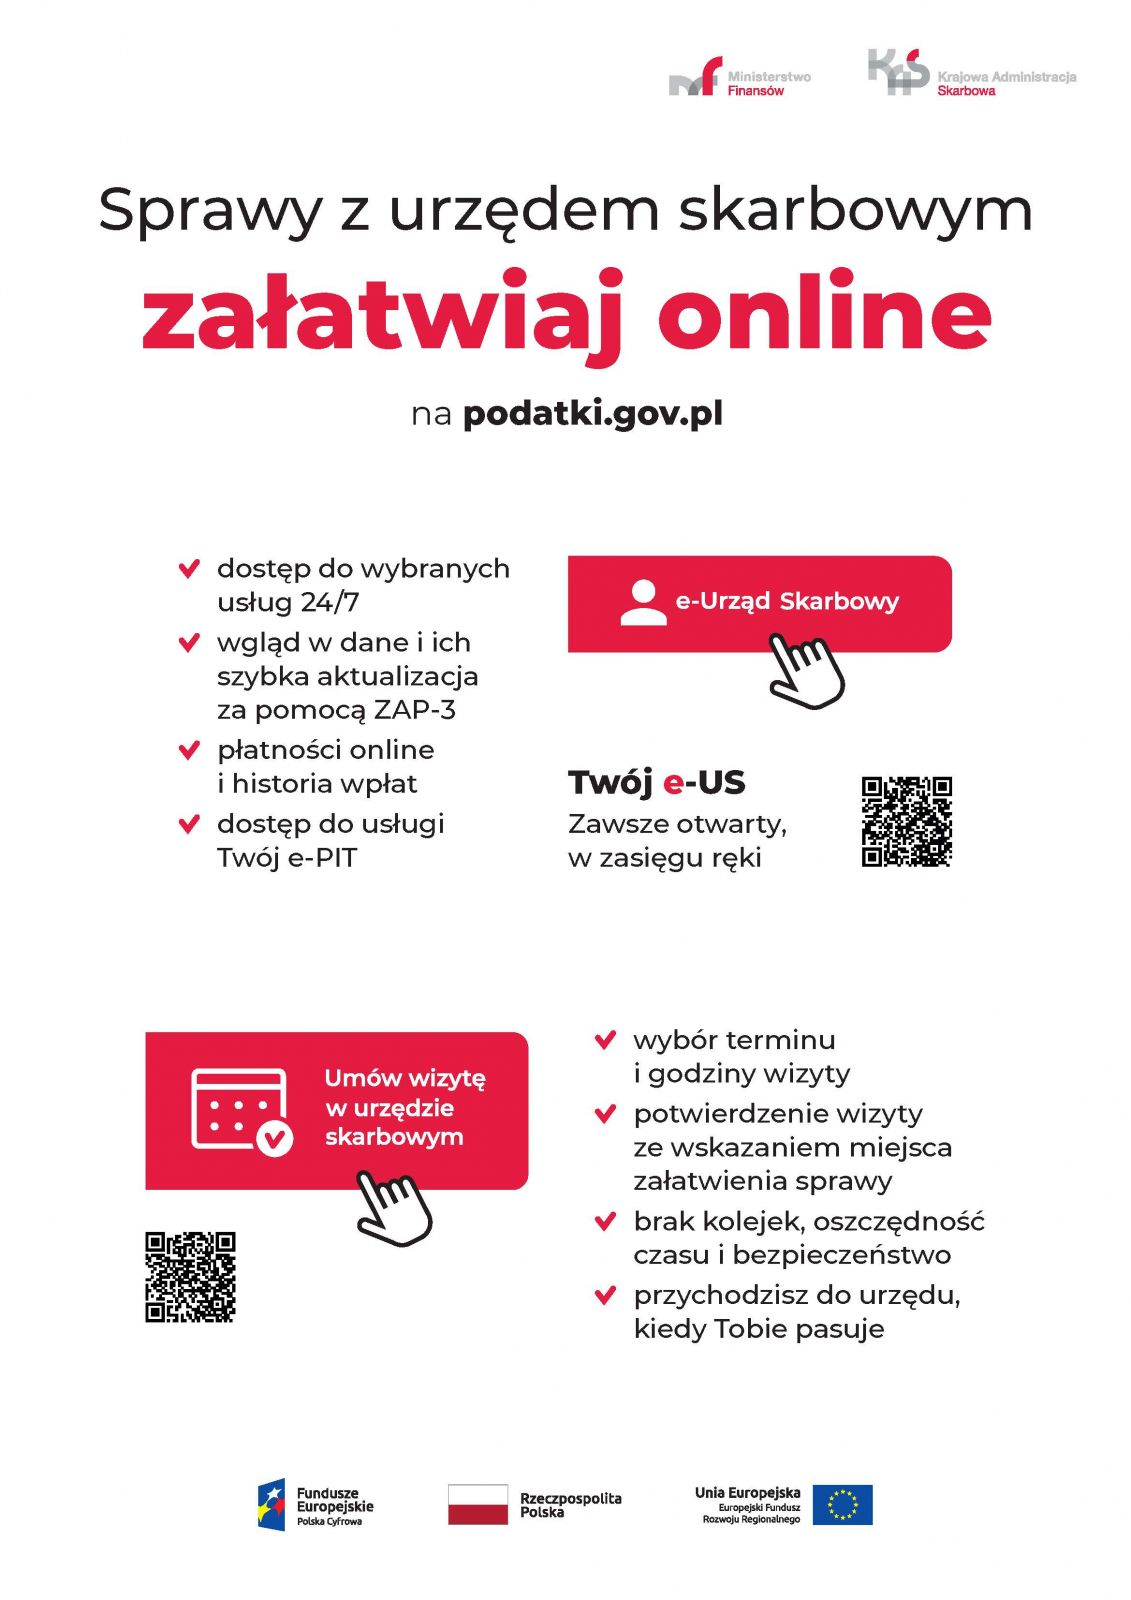 Plakat Sprawy z urzędem skarbowym załatwiaj online na podatki.gov.pl